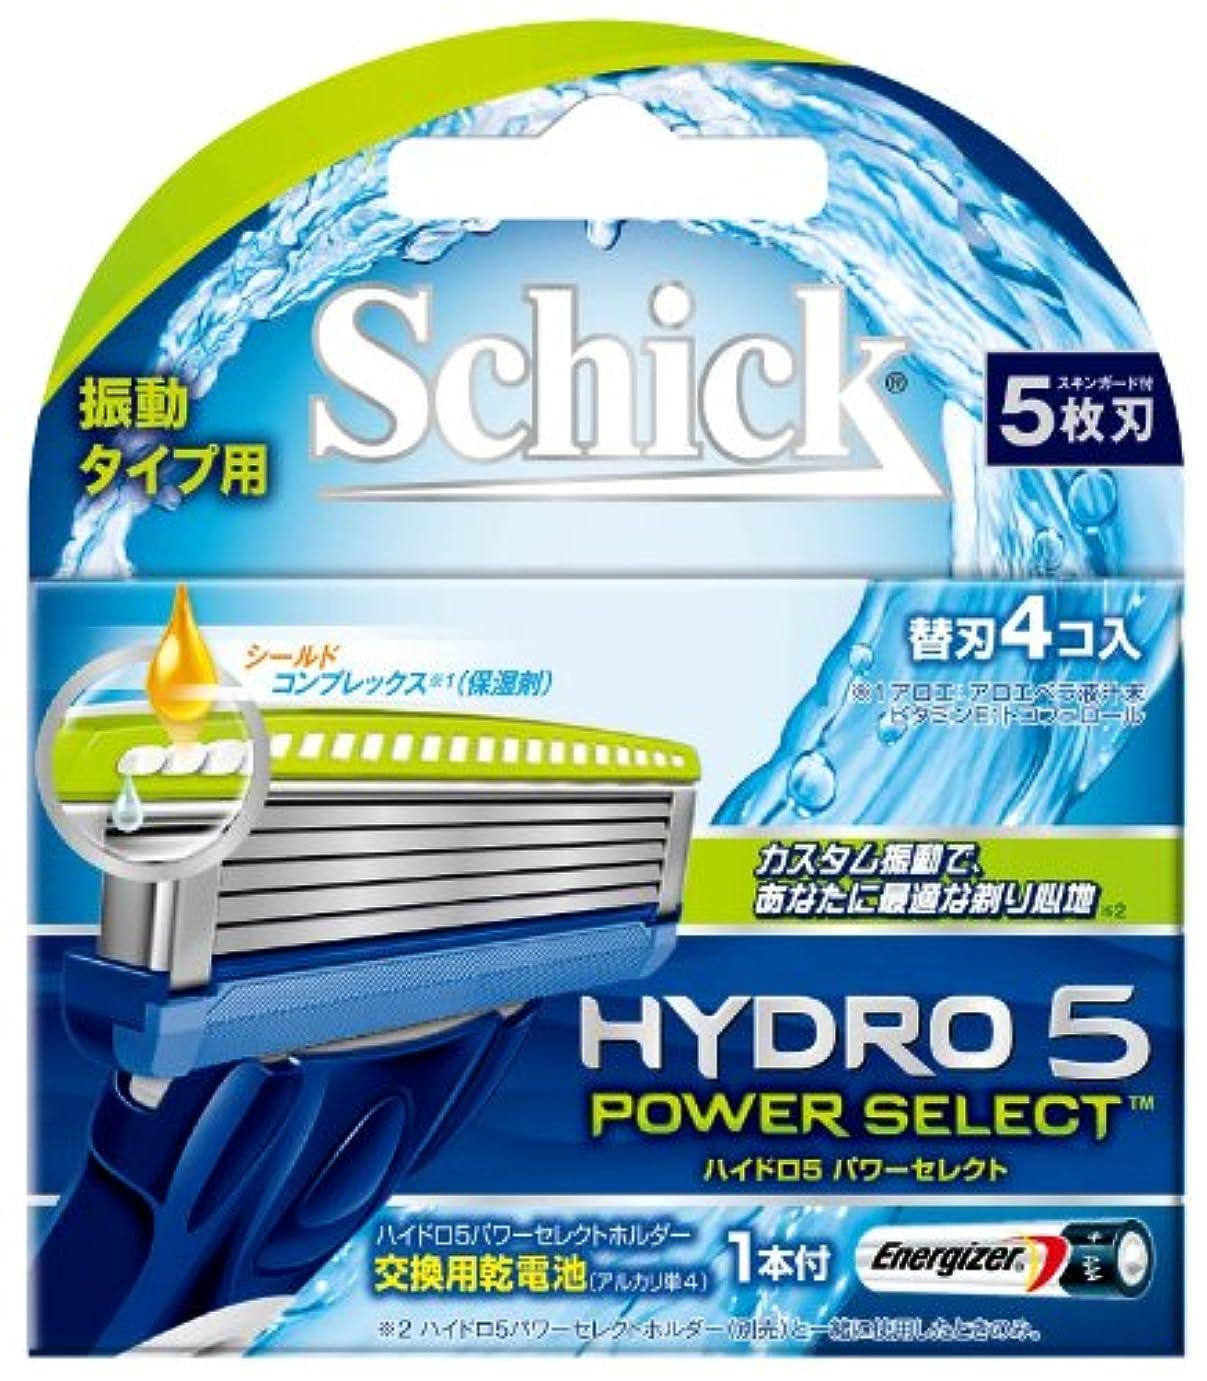 有毒なハリウッドショートシック ハイドロ5 パワーセレクト 替刃(4コ入)